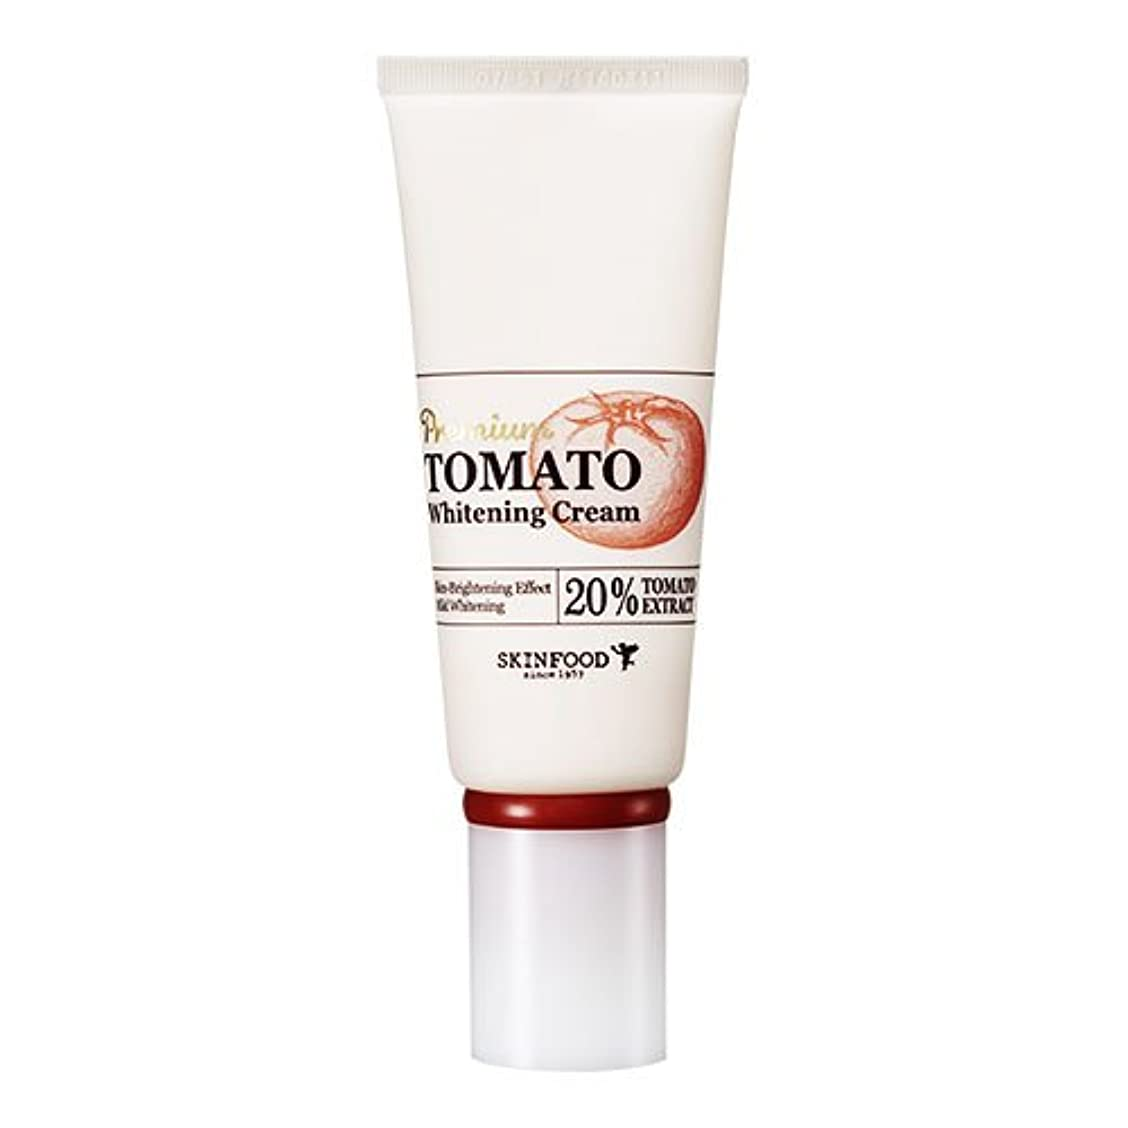 八百屋農村慢なSkinfood プレミアムトマトホワイトニングクリーム(美白効果) / Premium Tomato Whitening Cream (Skin-Brightening Effect) 50g [並行輸入品]